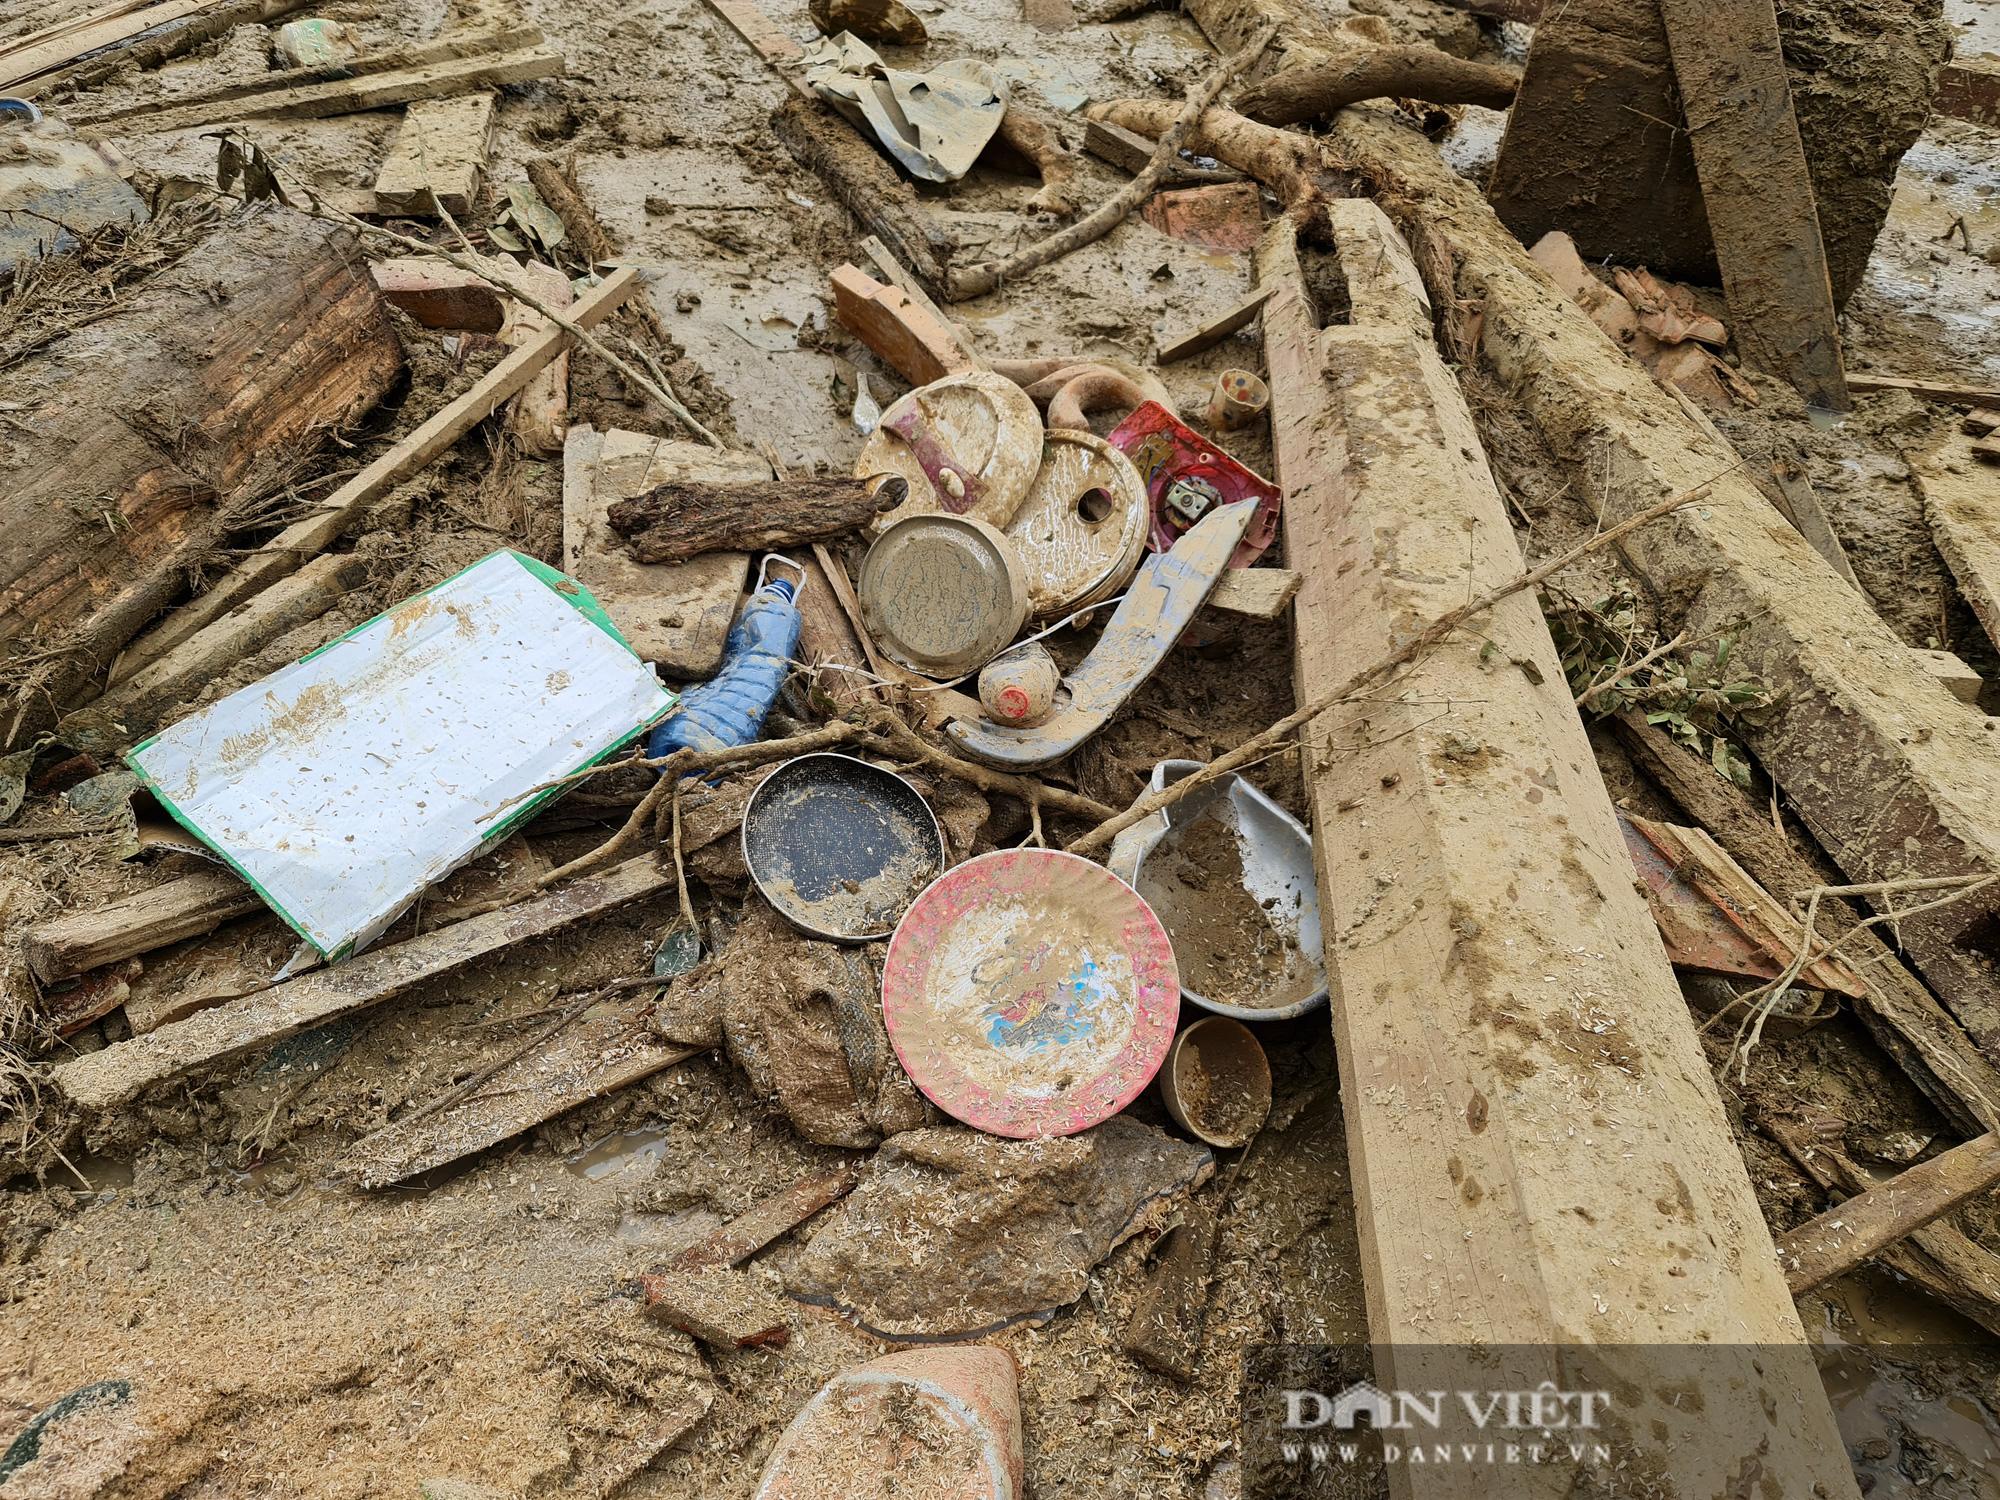 Sạt lở nghiên trọng ở Quảng Nam: Đẫm nước mắt nhìn cảnh tan nát ngôi làng Trà Leng - Ảnh 8.